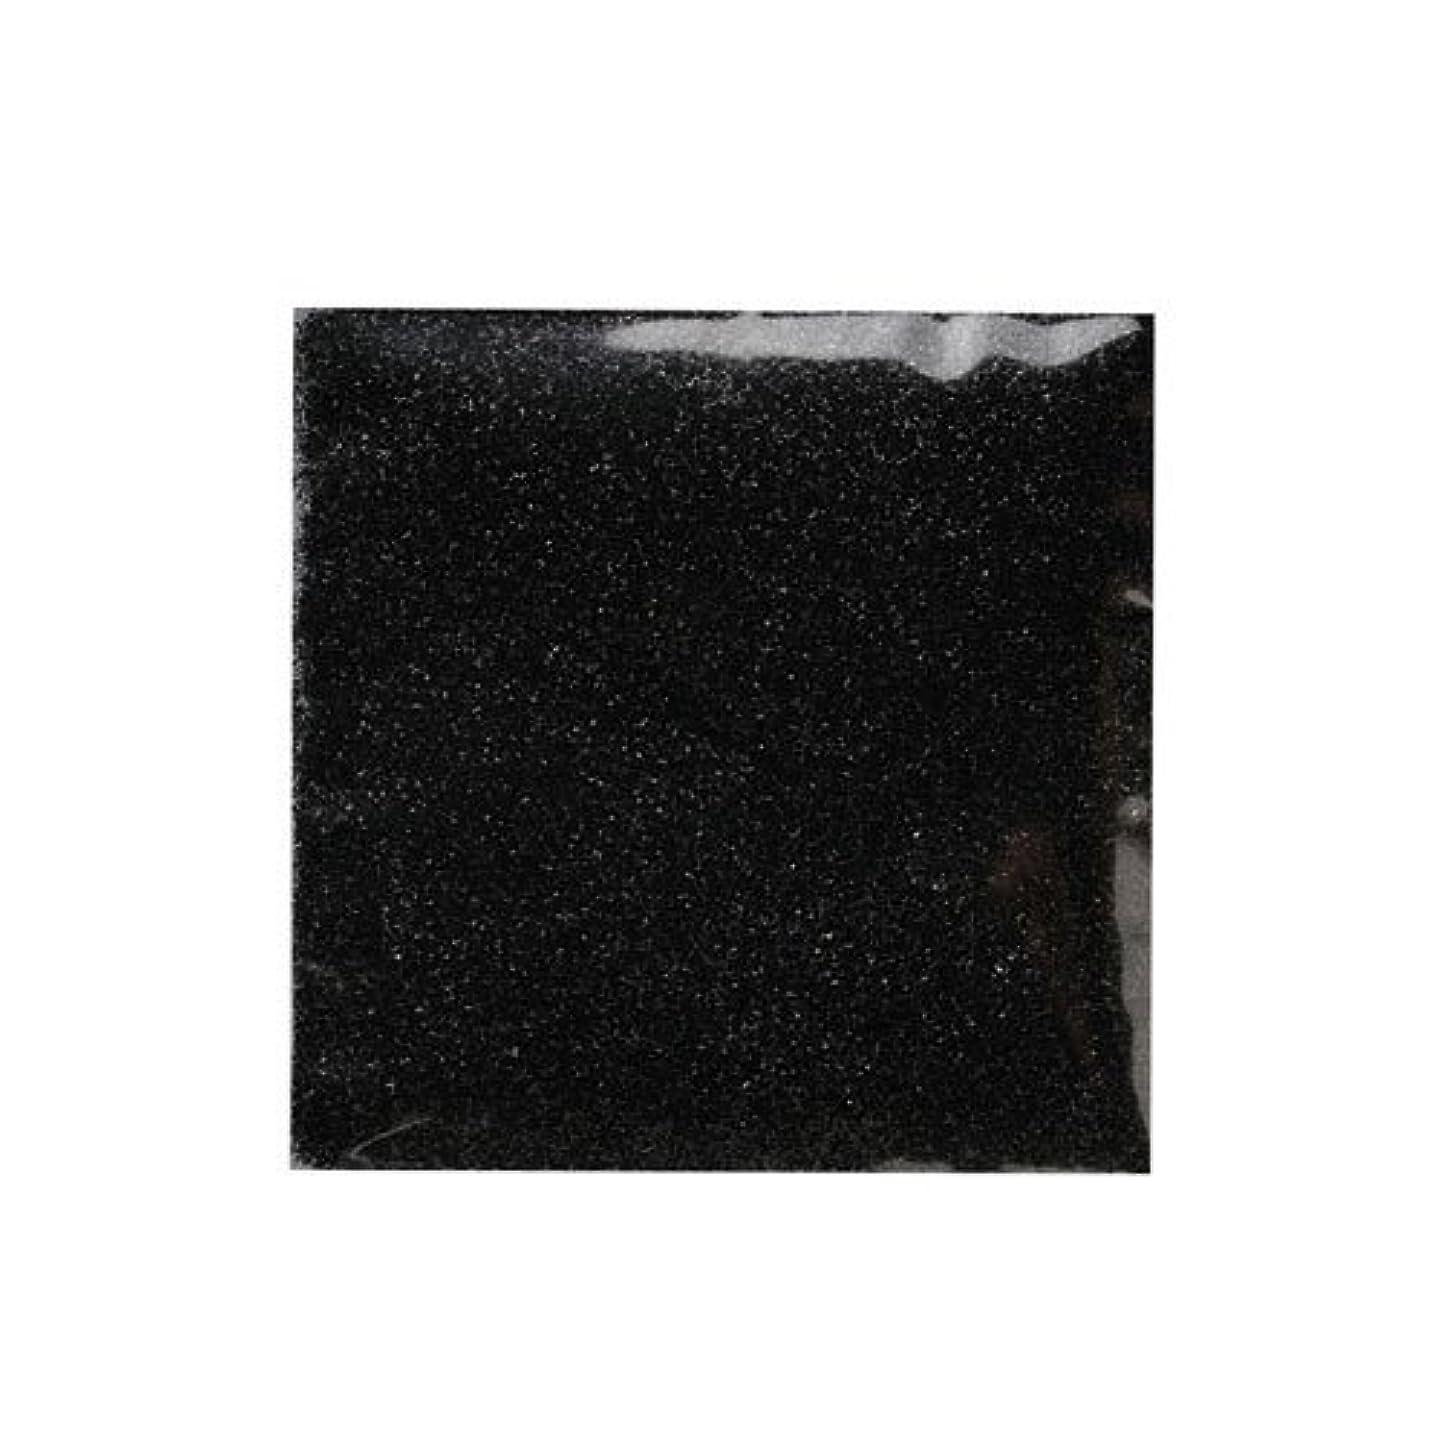 パラダイス振る舞うアルコールピカエース ネイル用パウダー ピカエース ラメメタリック #507 ブラック 2g アート材